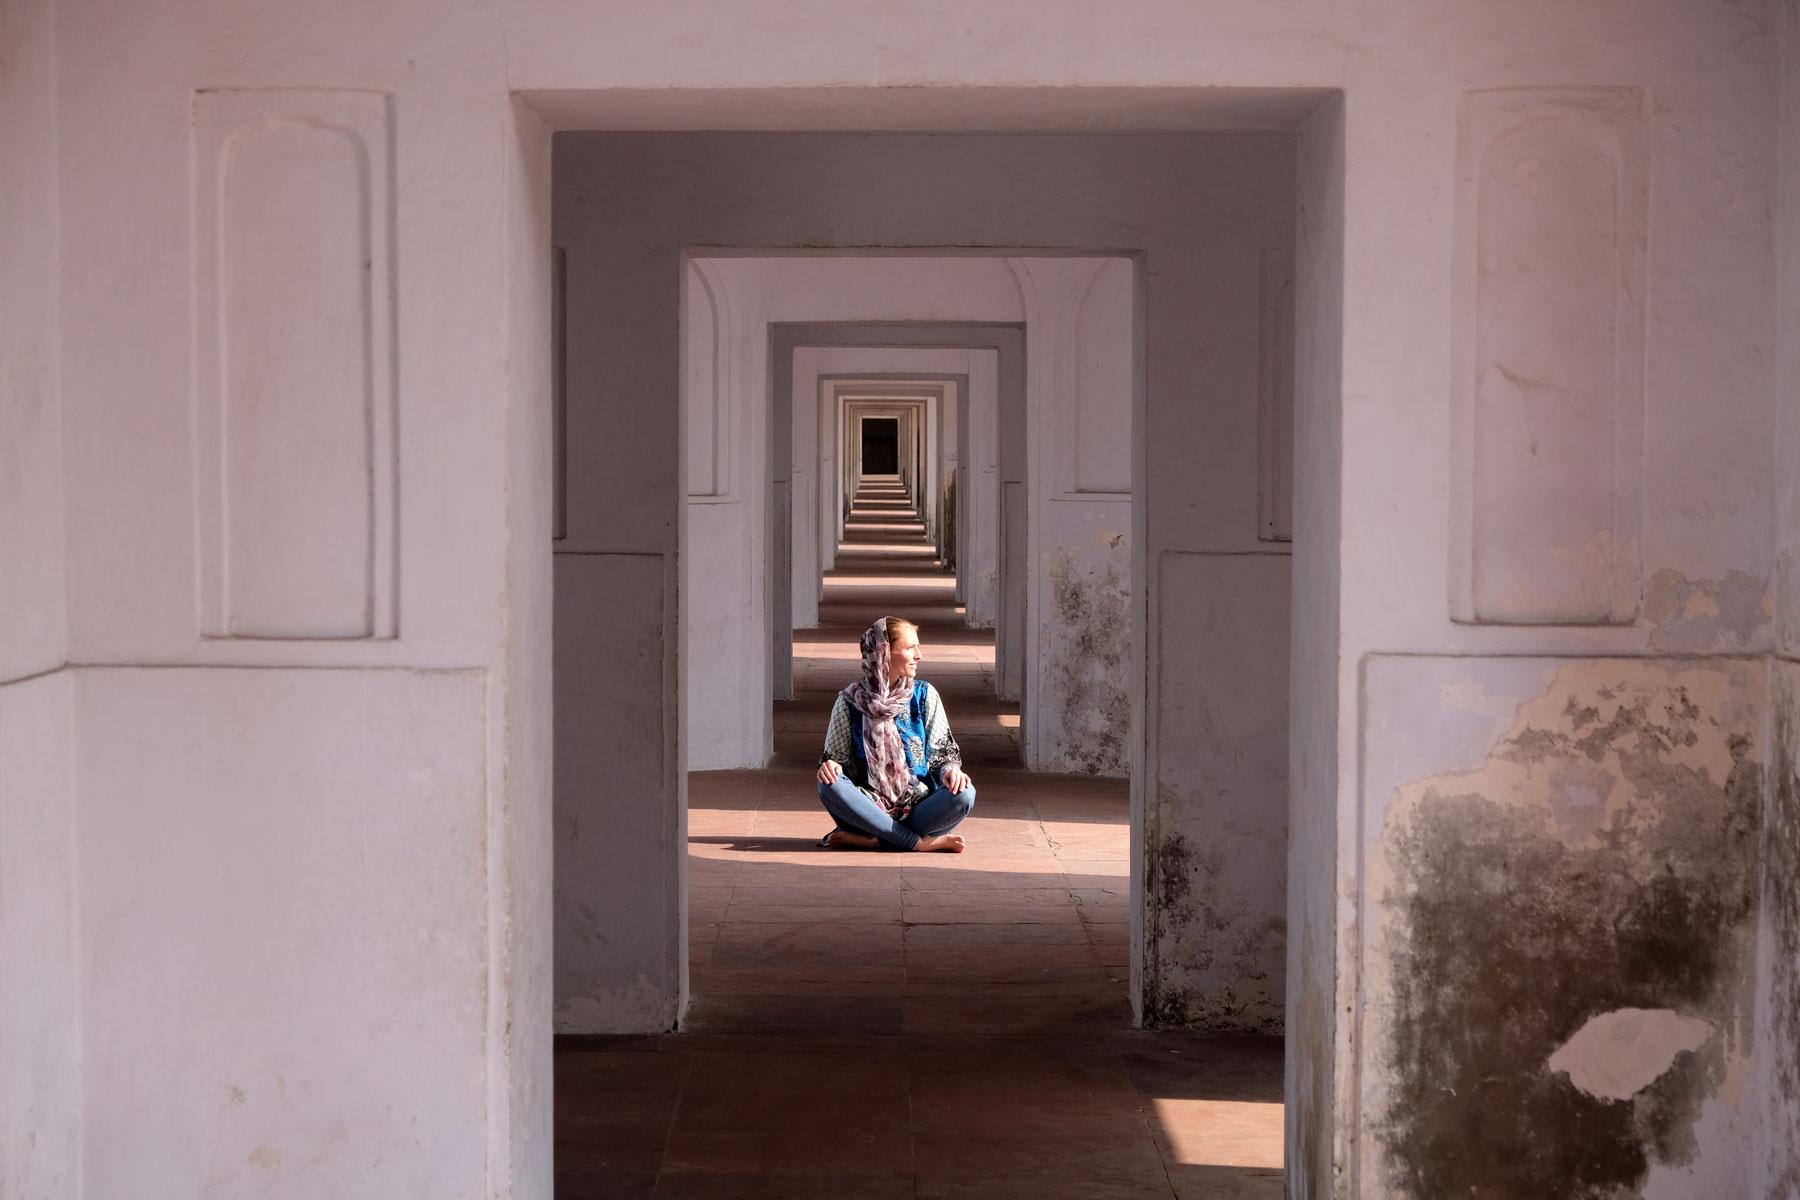 Leo sitzt in Badshahi-Moschee in einem Gang mit symmetrischen Tore.